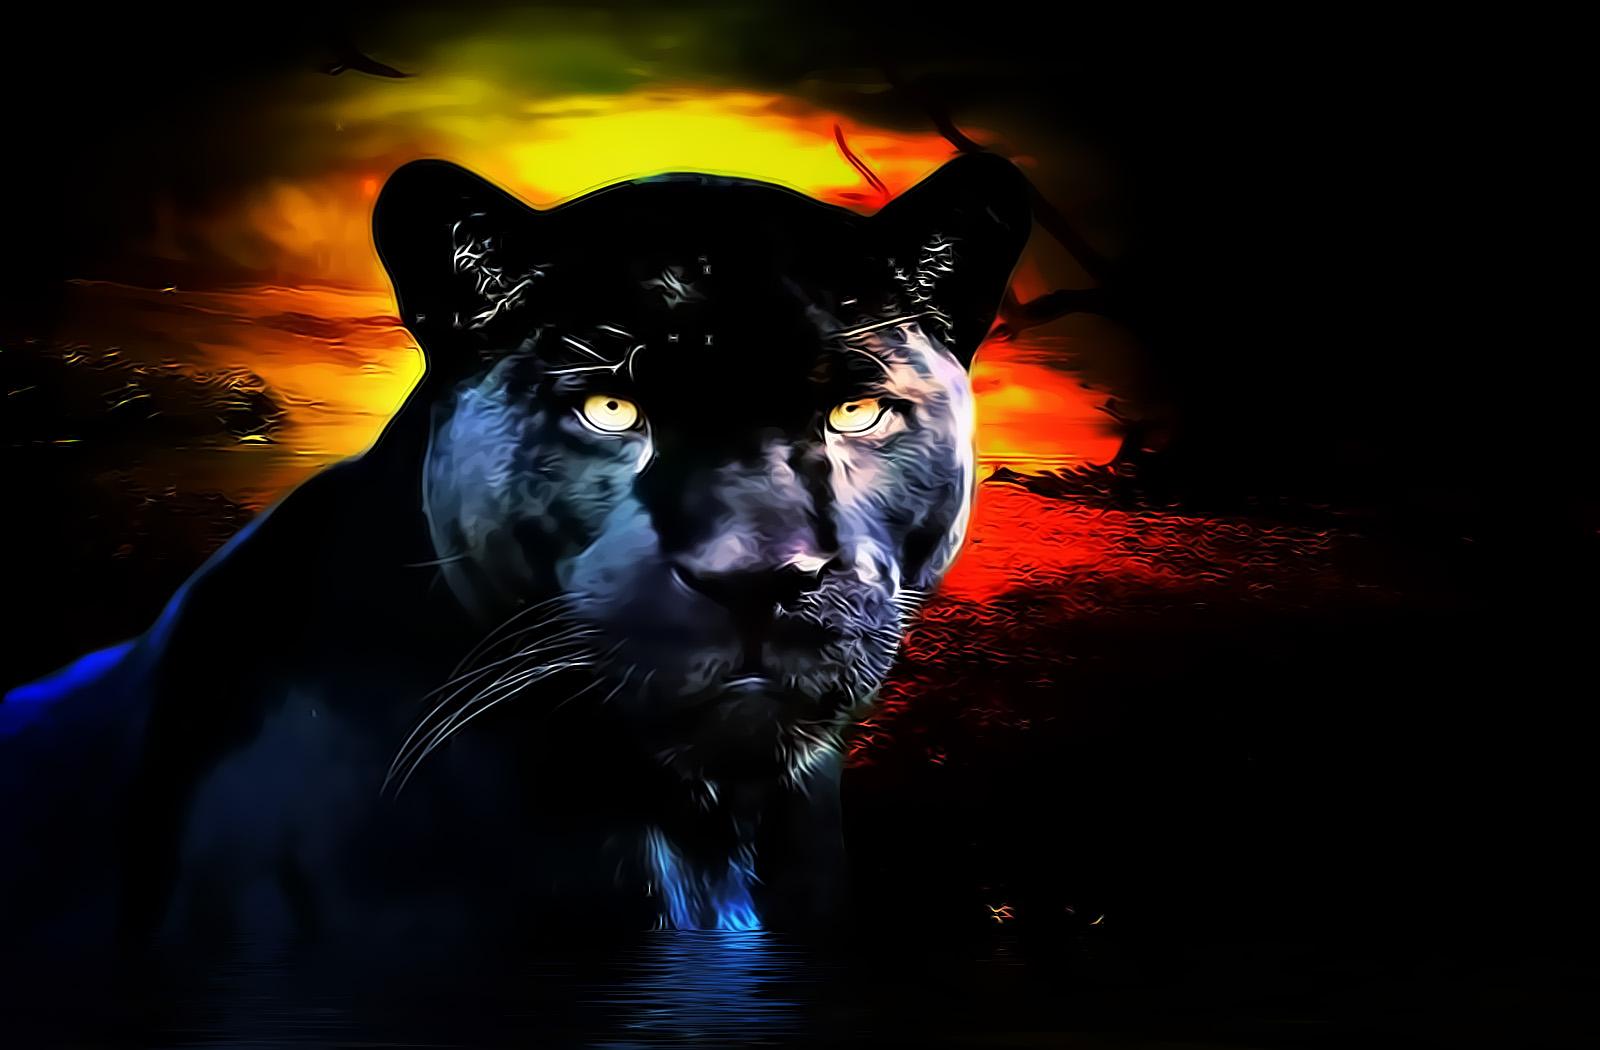 PANTHER cat panther wallpaper black animaljpg 1600x1050